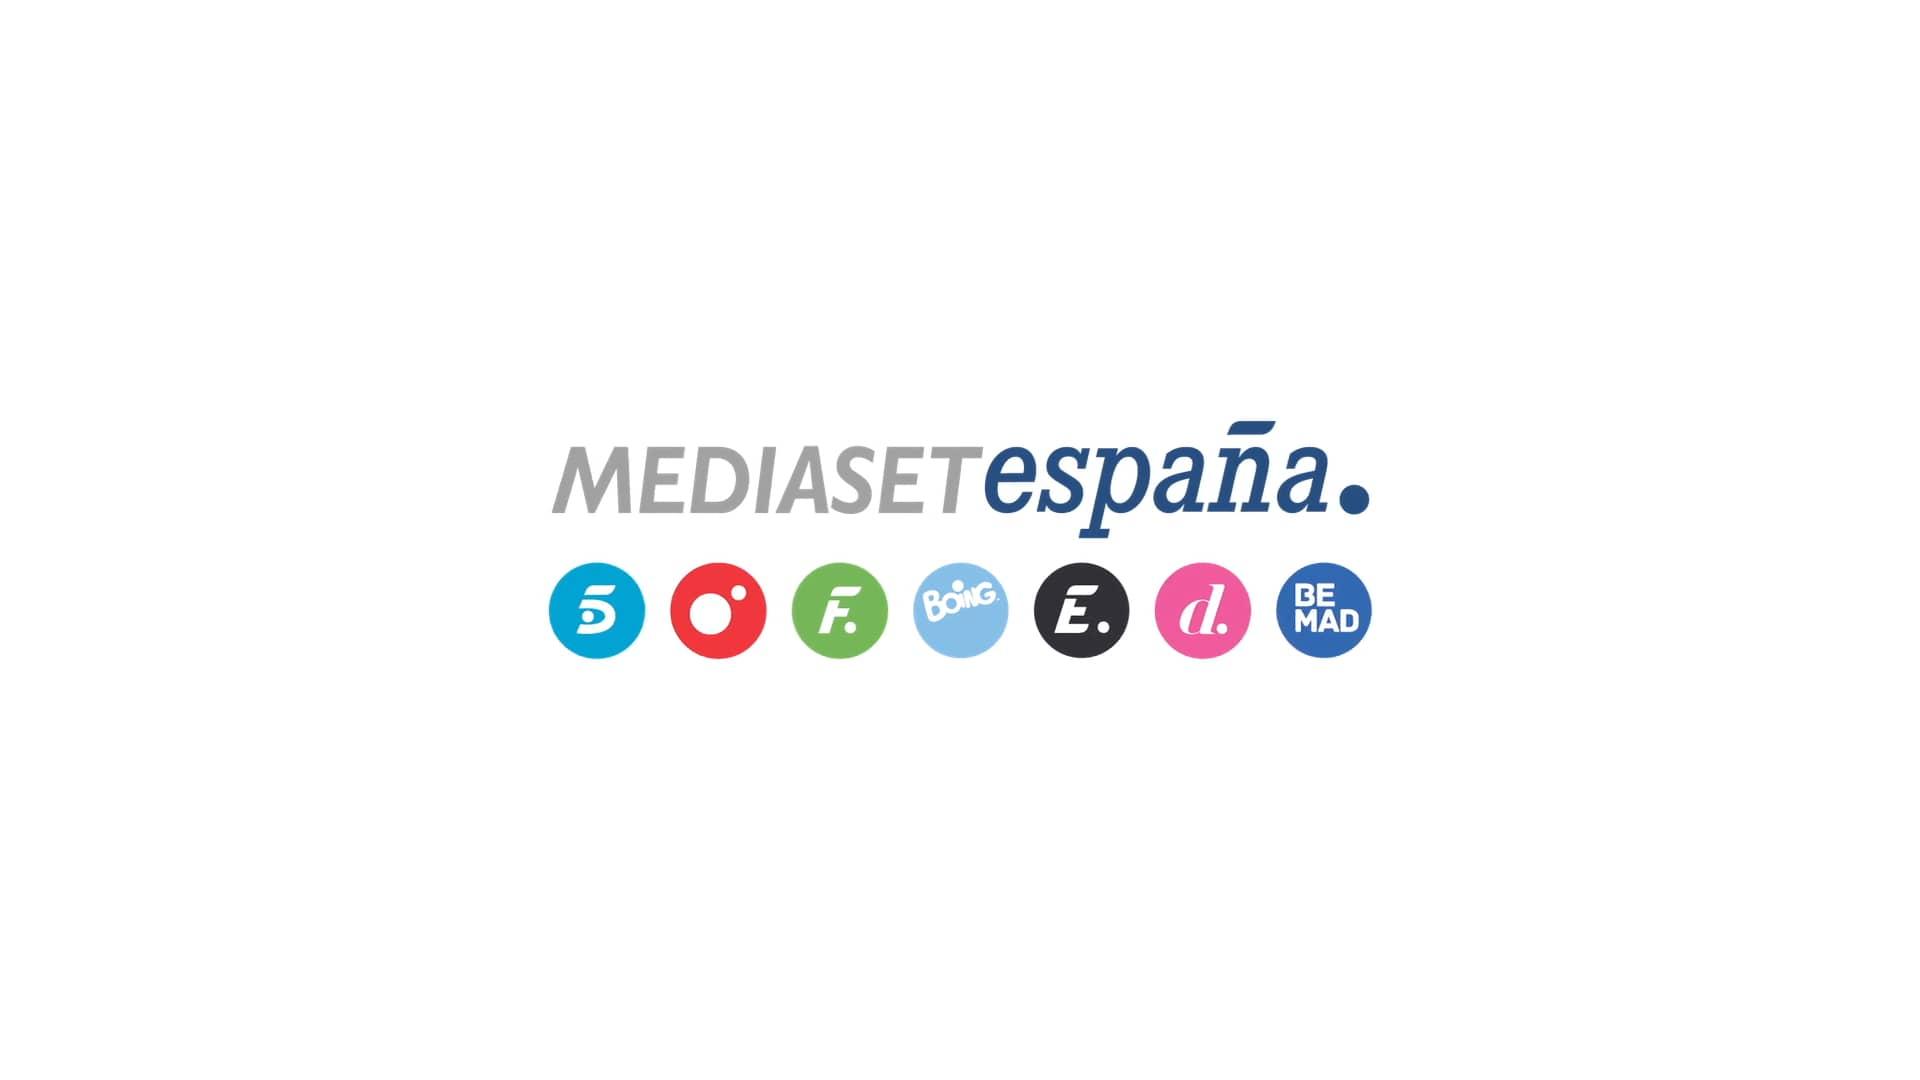 fotógrafo corporativo y servicios de streaming en madrid mediaset eventop